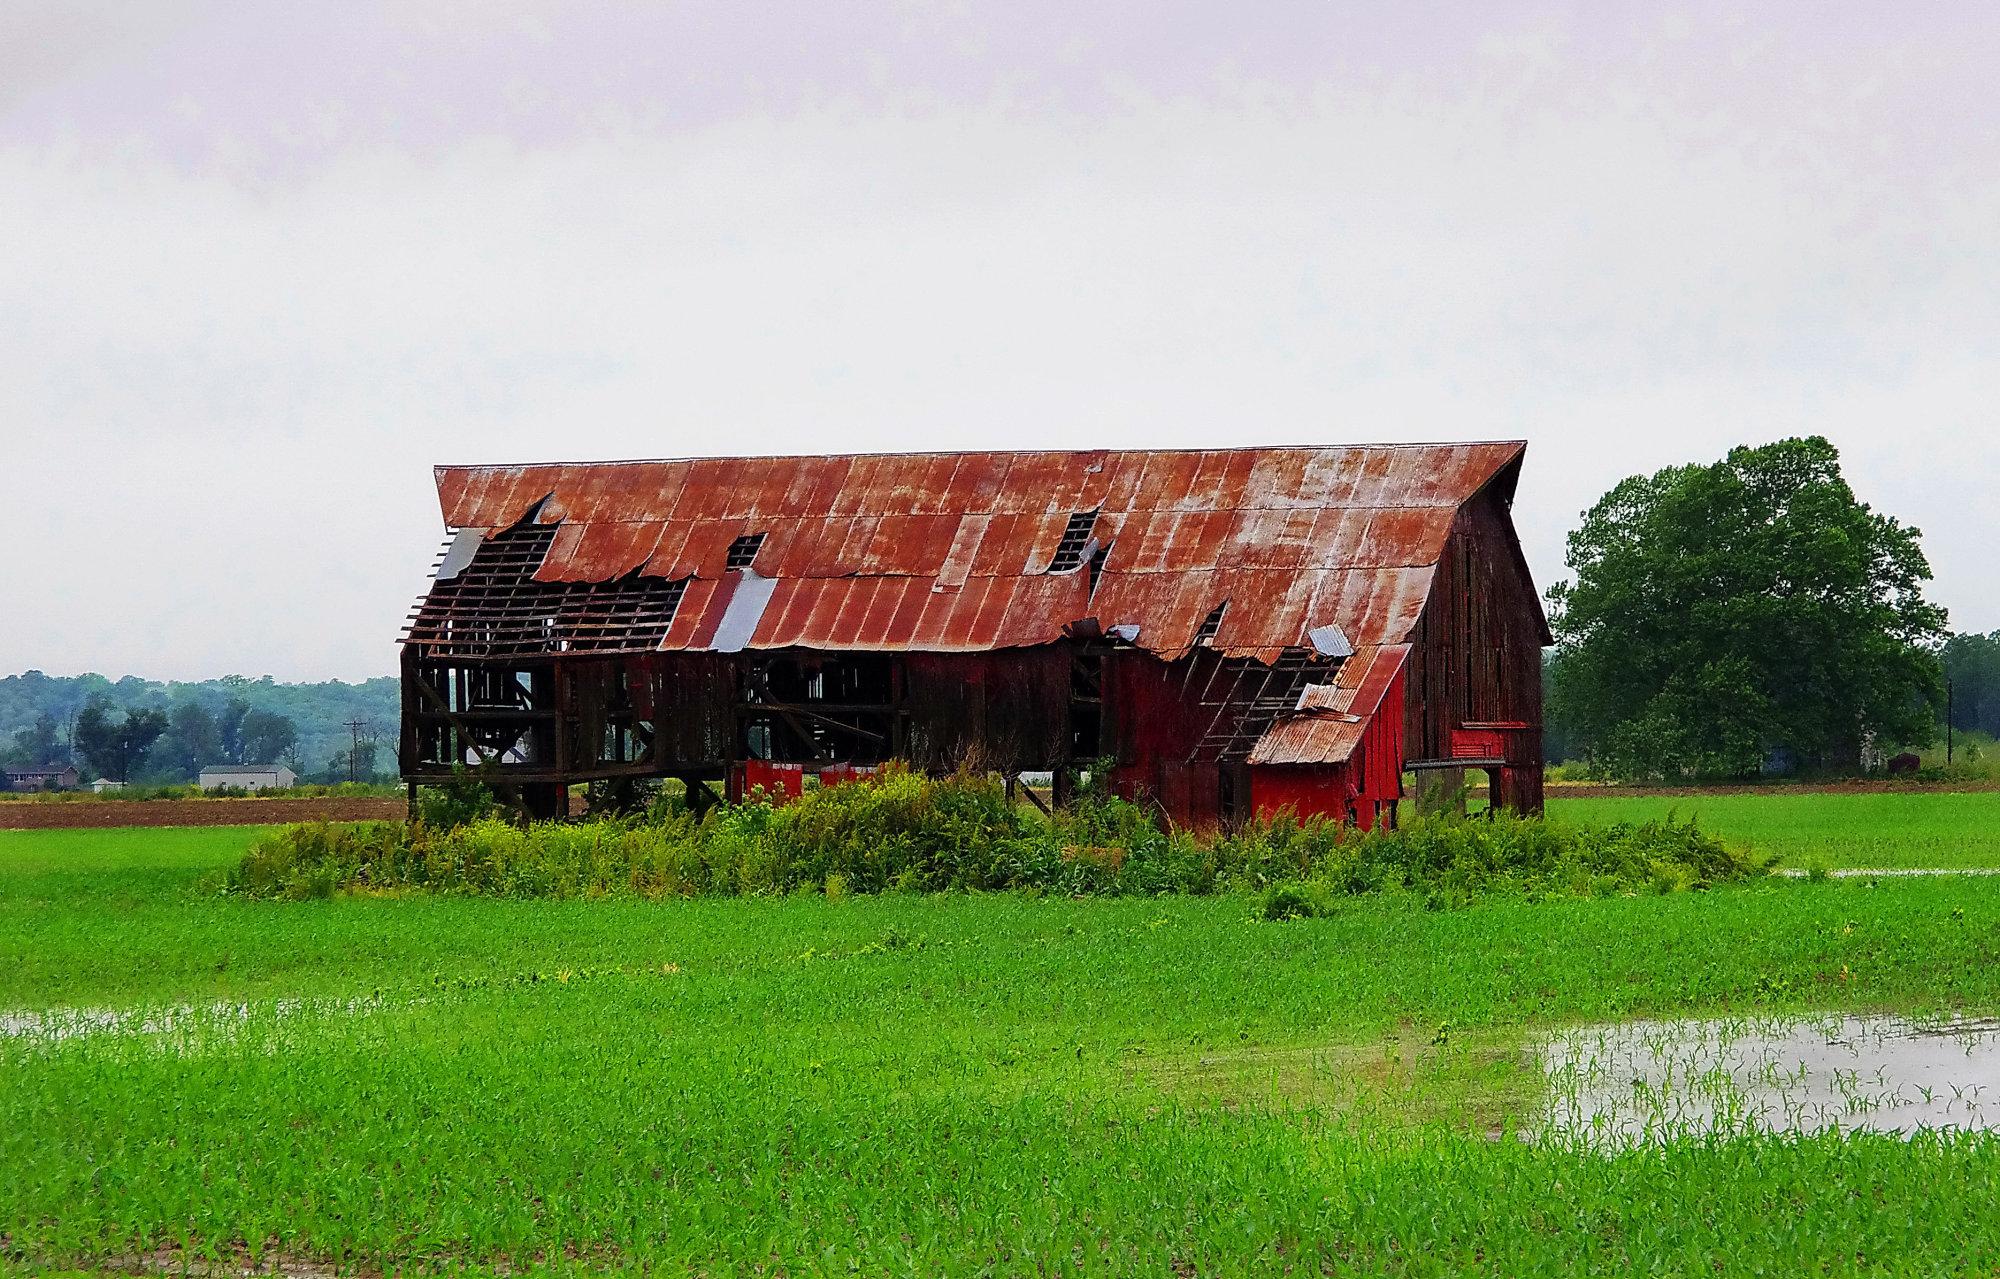 Alabama Barn